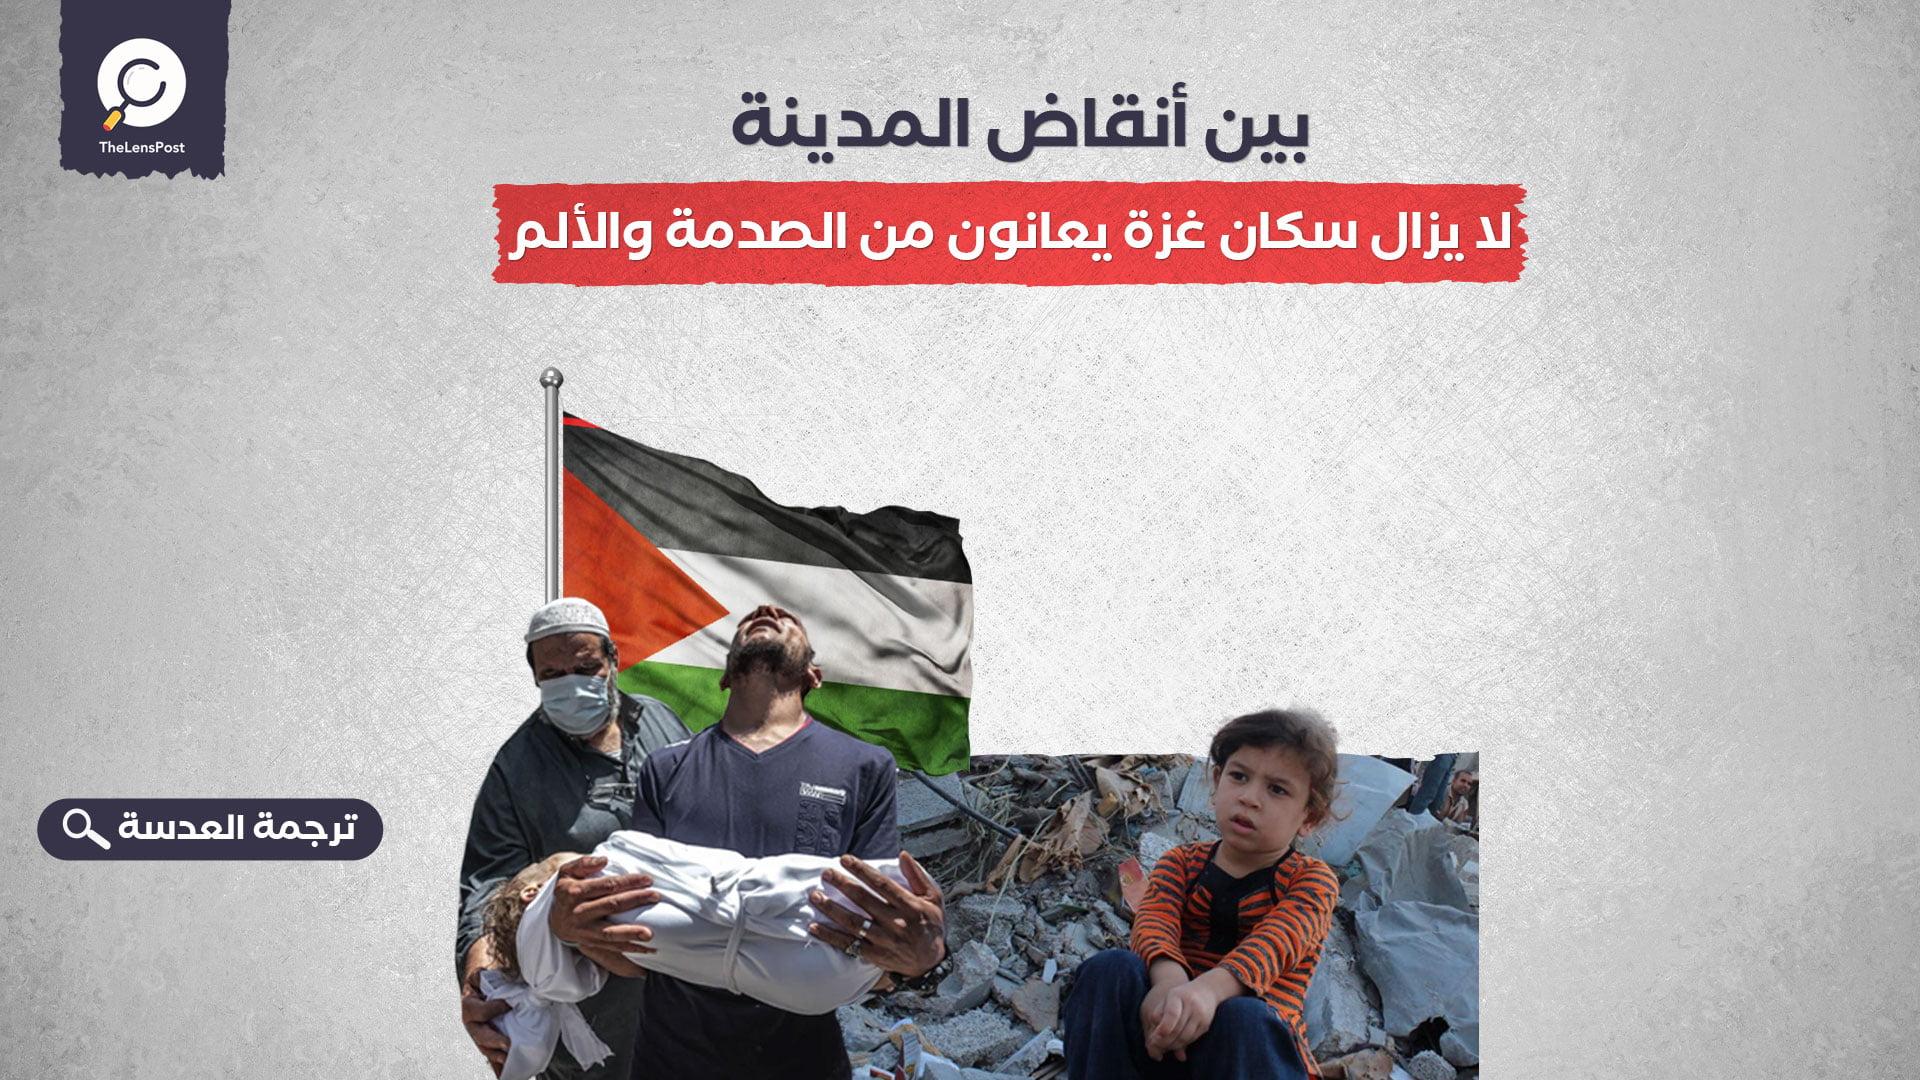 بين أنقاض المدينة.. لا يزال سكان غزة يعانون من الصدمة والألم